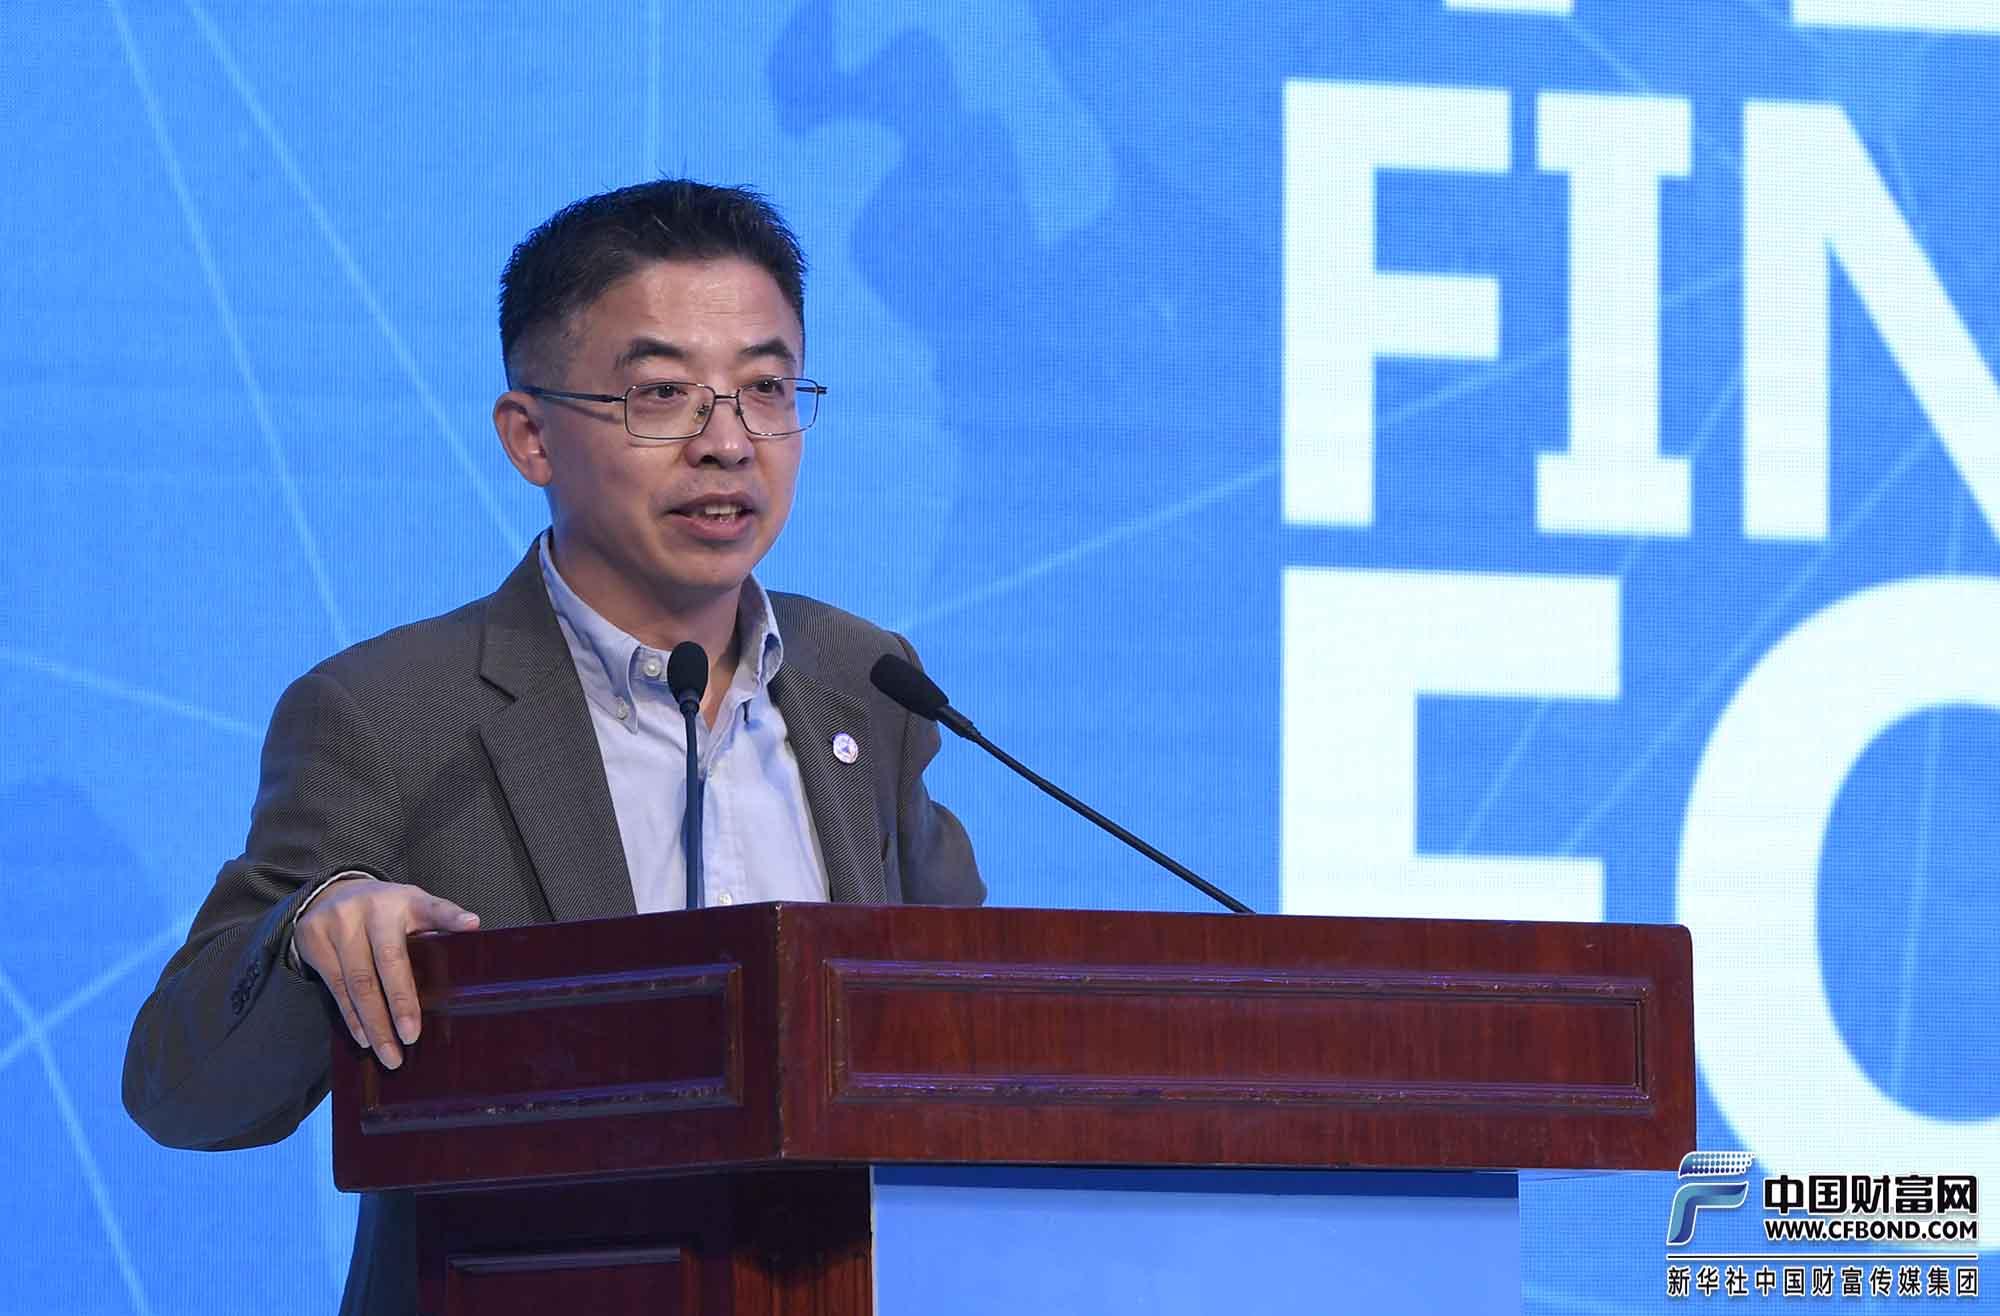 浙江大学互联网金融研究院院长贲圣林